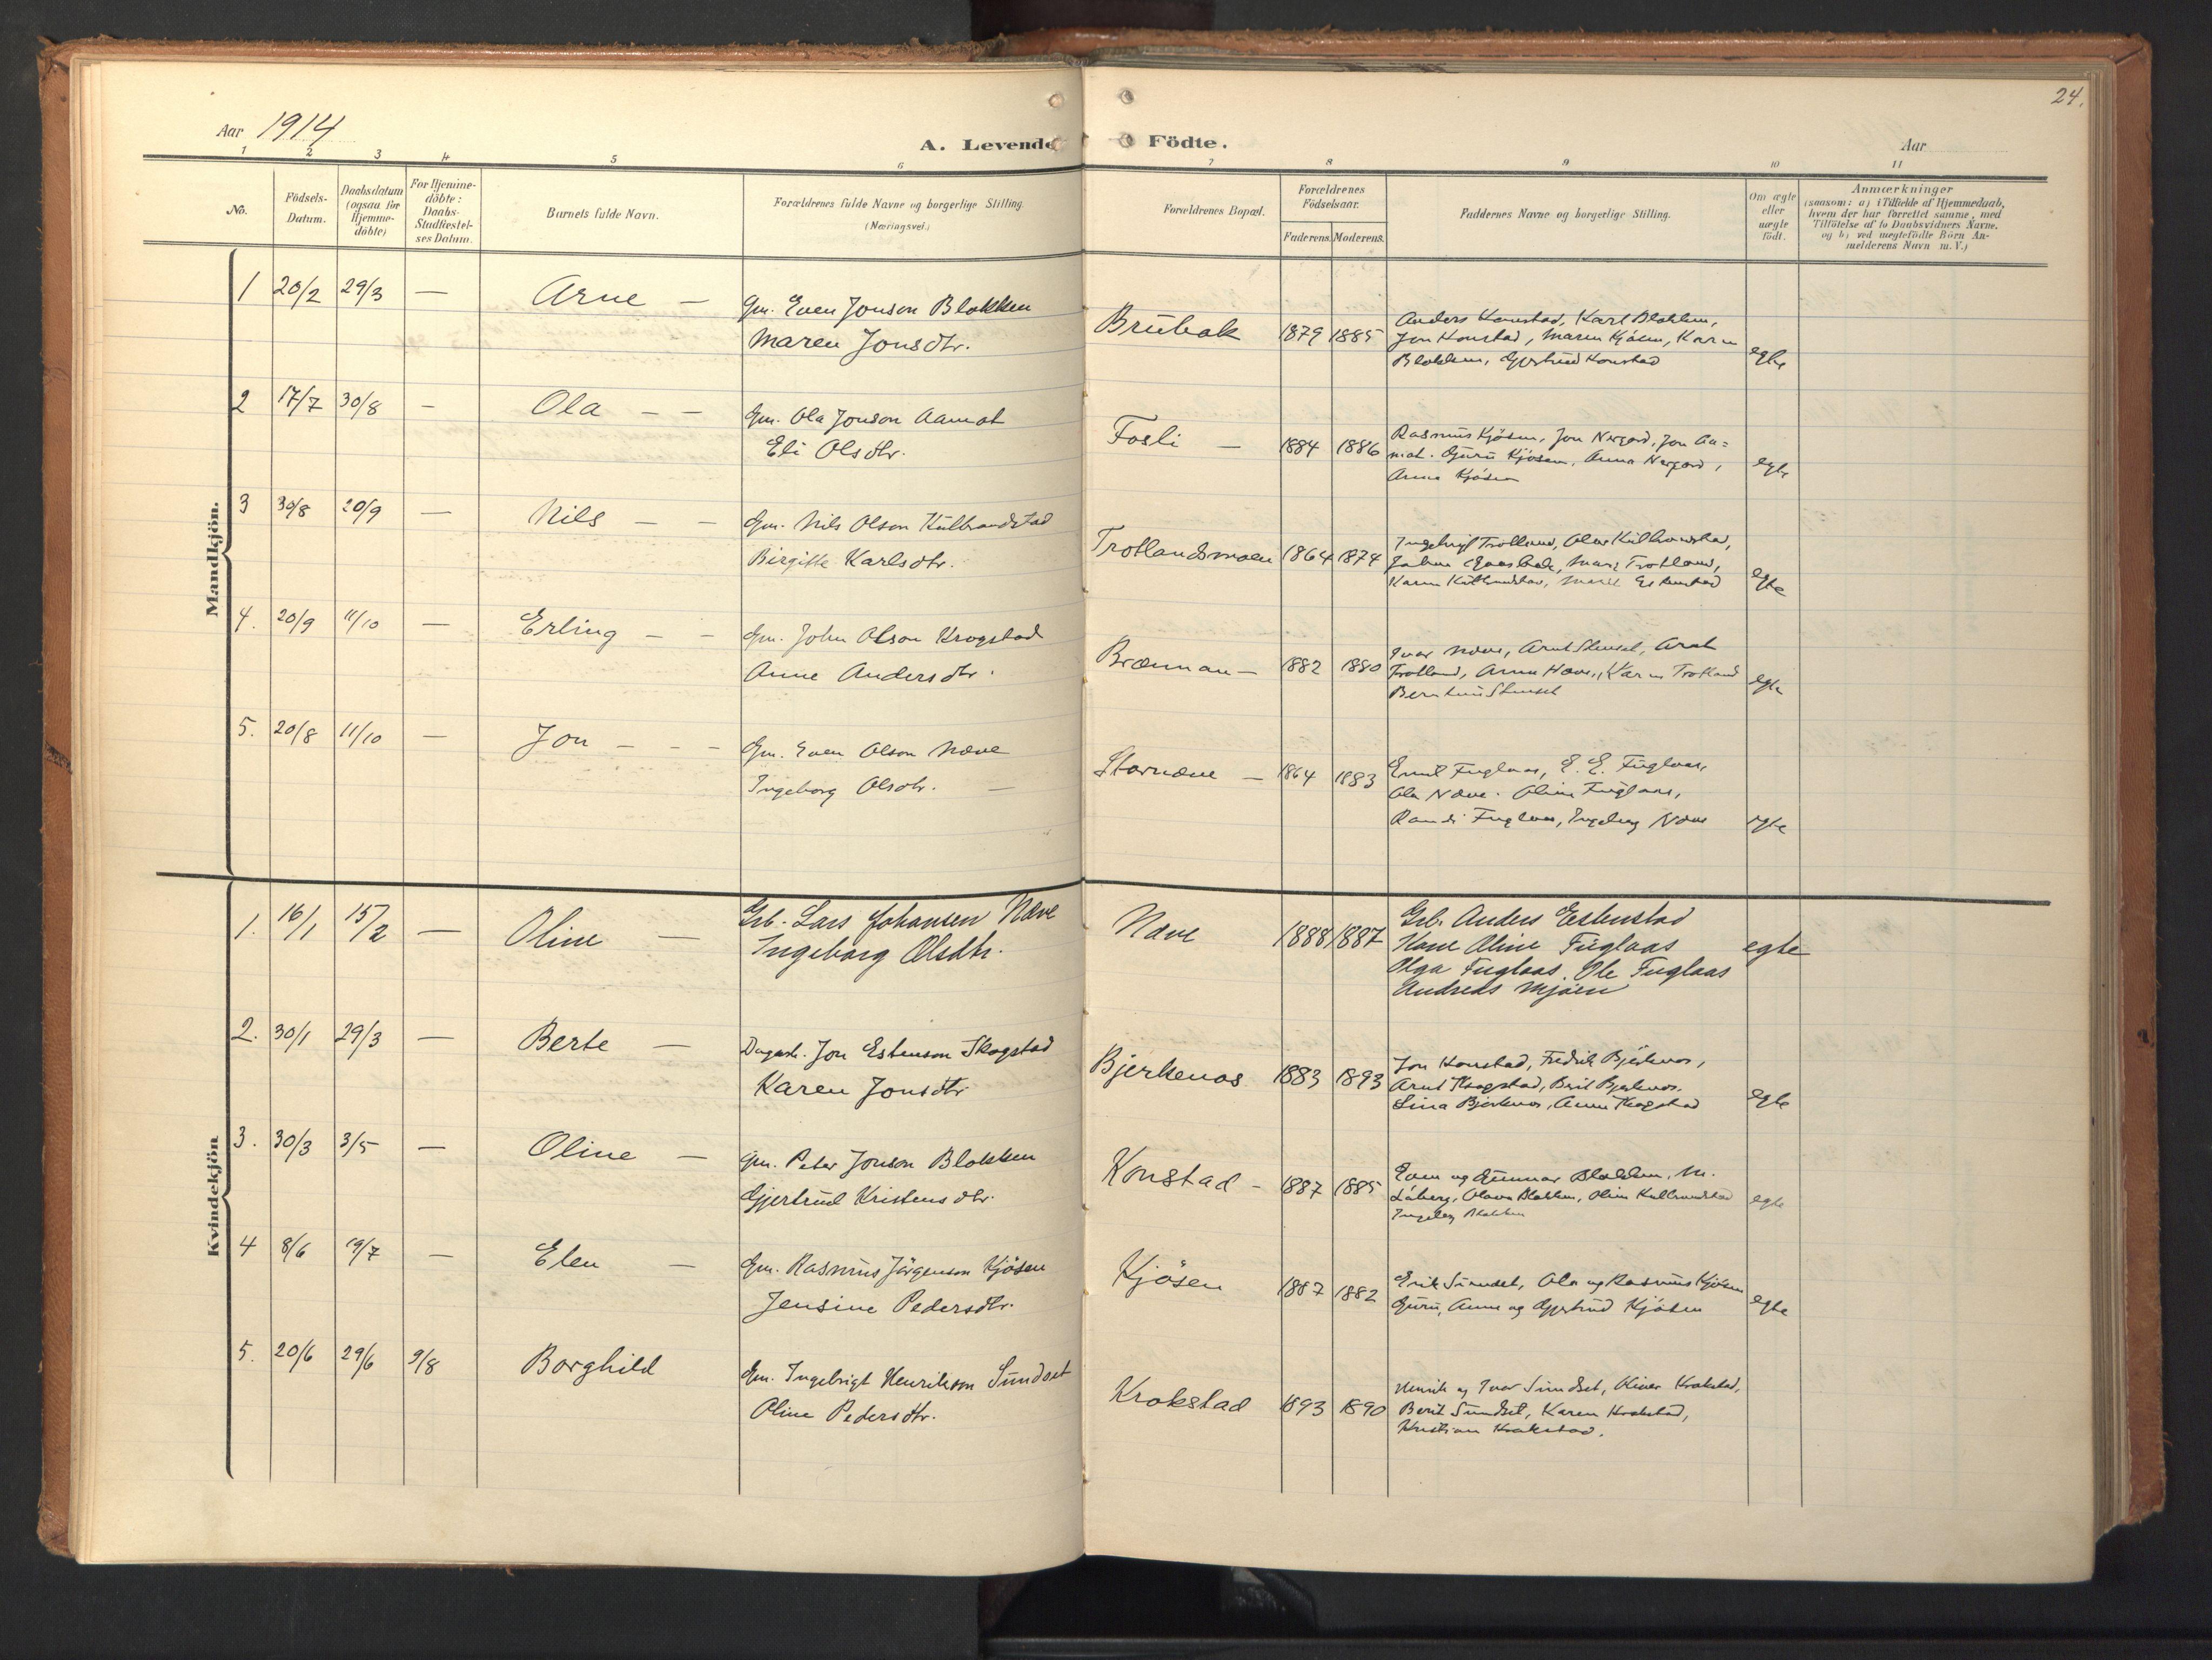 SAT, Ministerialprotokoller, klokkerbøker og fødselsregistre - Sør-Trøndelag, 694/L1128: Ministerialbok nr. 694A02, 1906-1931, s. 24